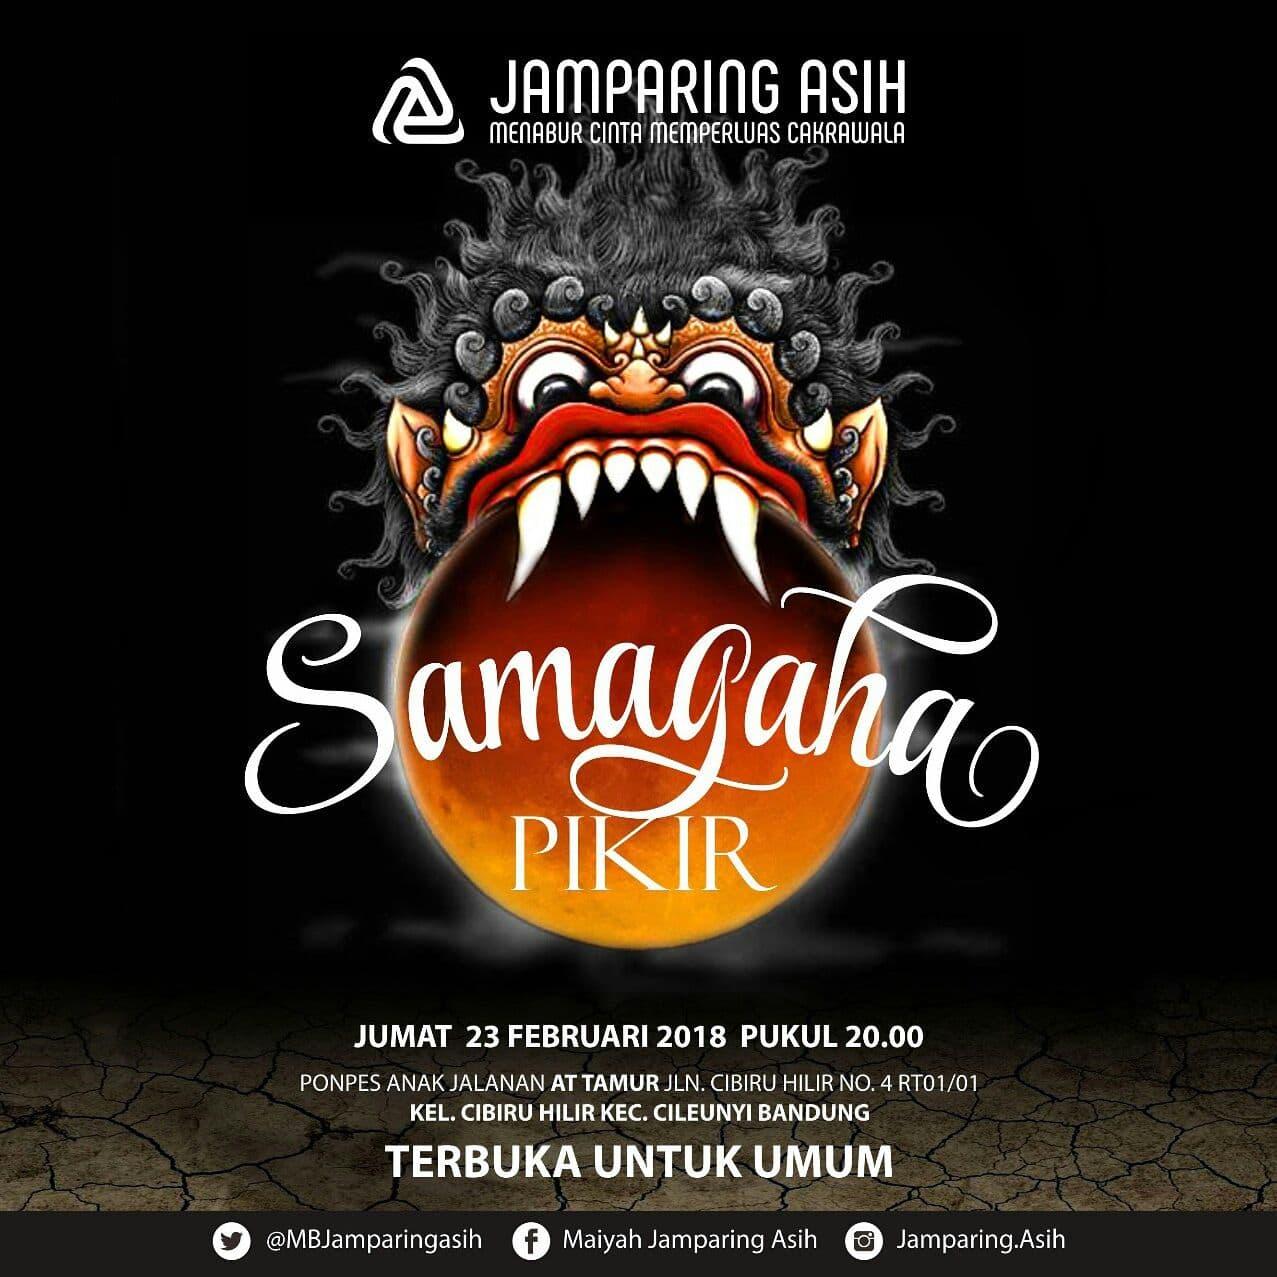 <em>Samagaha</em> Pikir